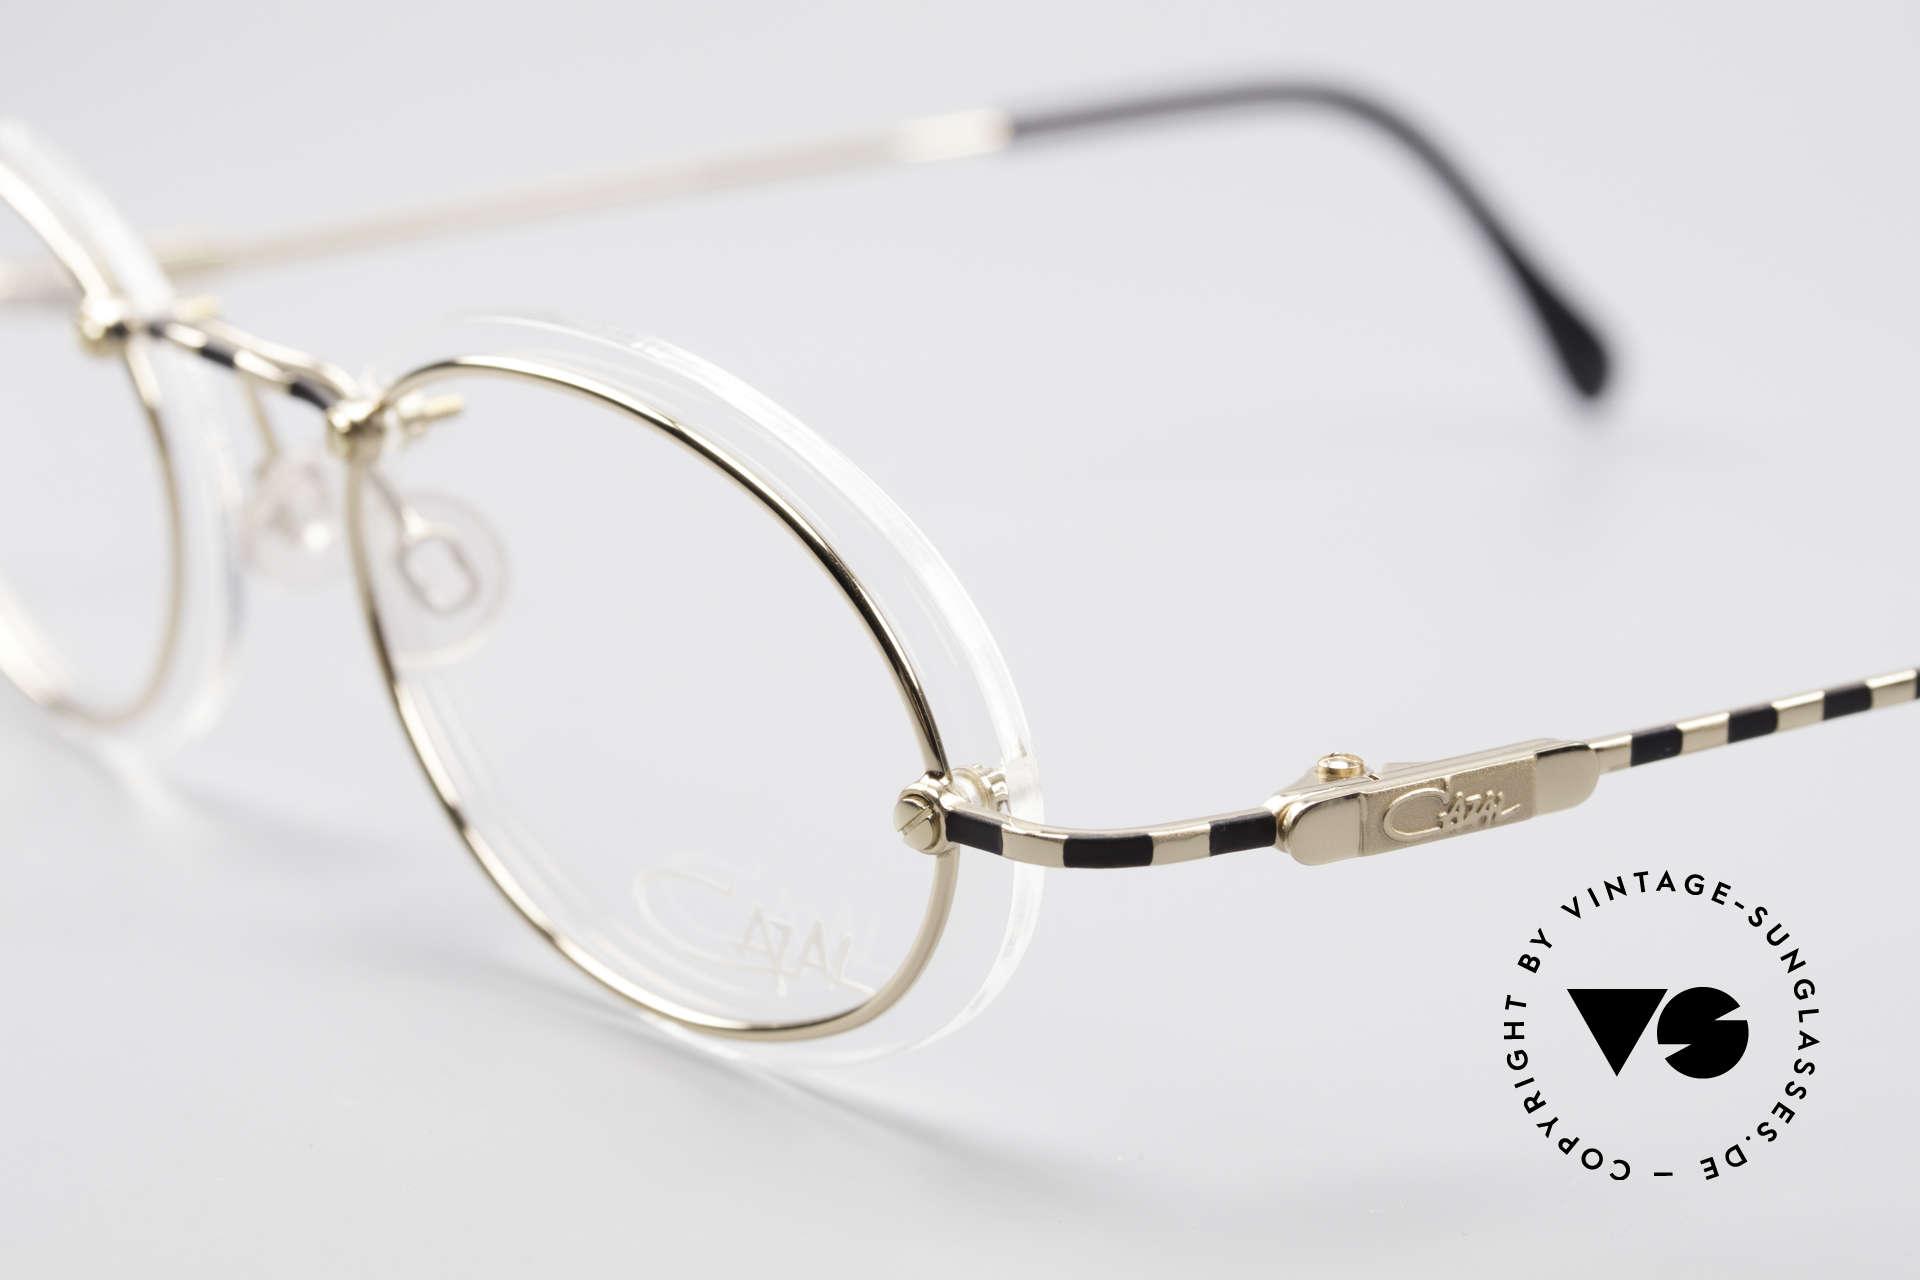 Cazal 770 90er Vintagebrille No Retro, ungetragen (wie alle unsere vintage Designklassiker), Passend für Herren und Damen